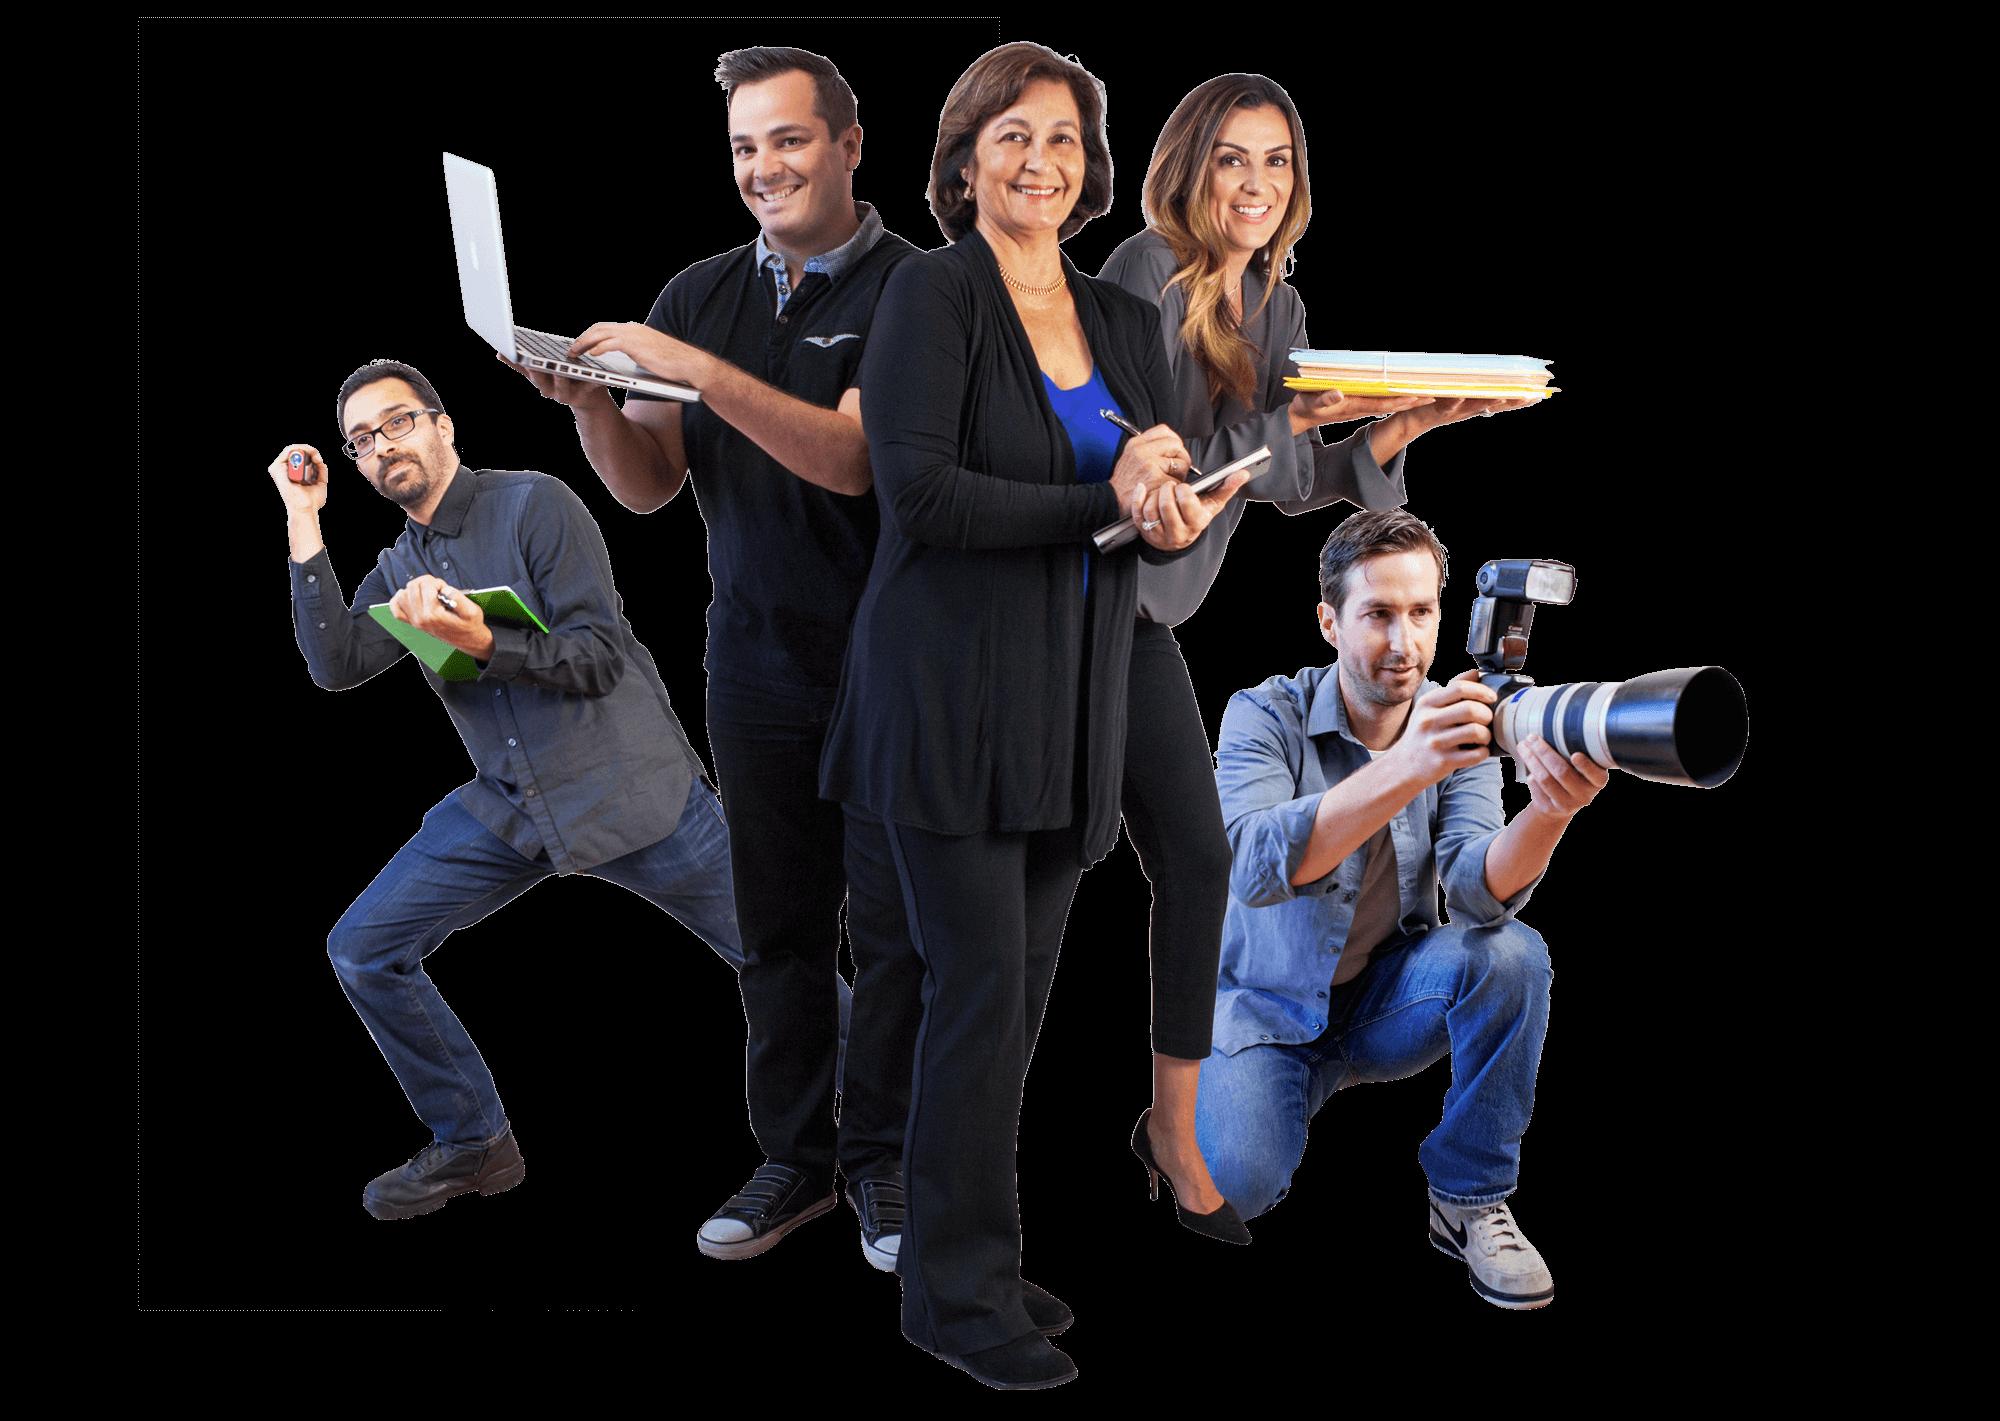 Real Estate Team Photo of Award Winning Real Estate Agents at Keller Williams Realty Santa Barbara